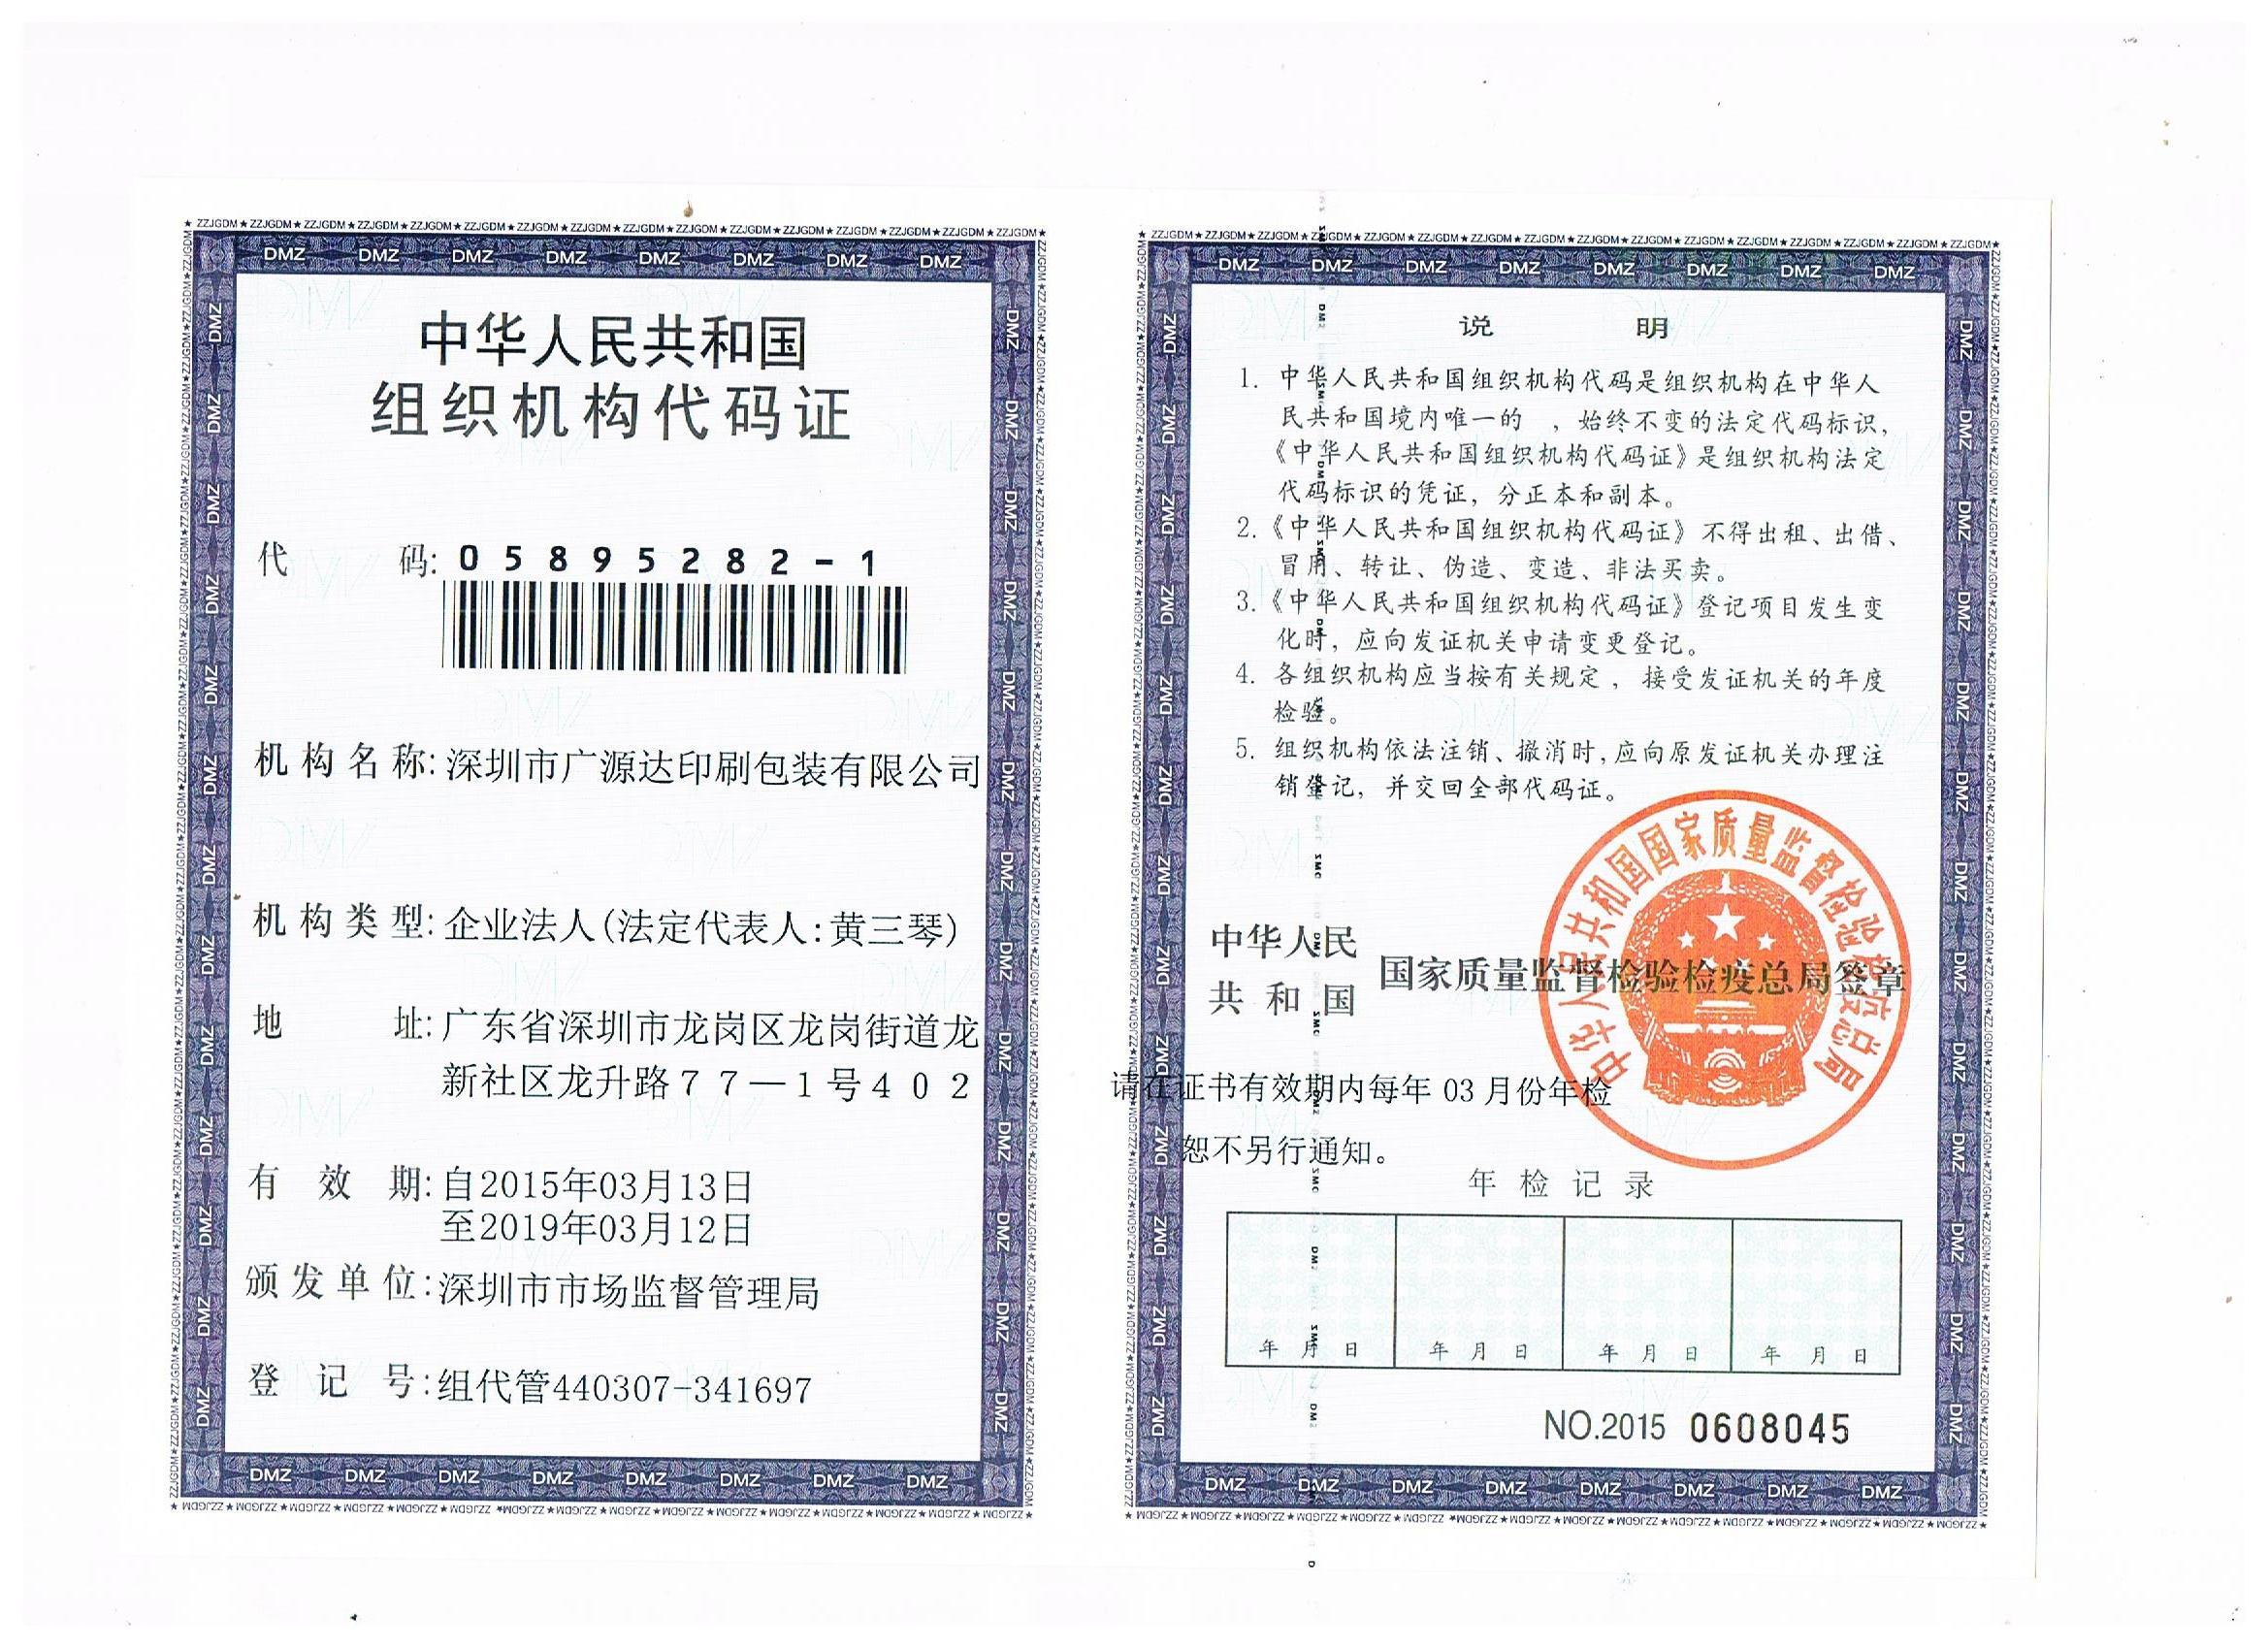 广源达税务登记证